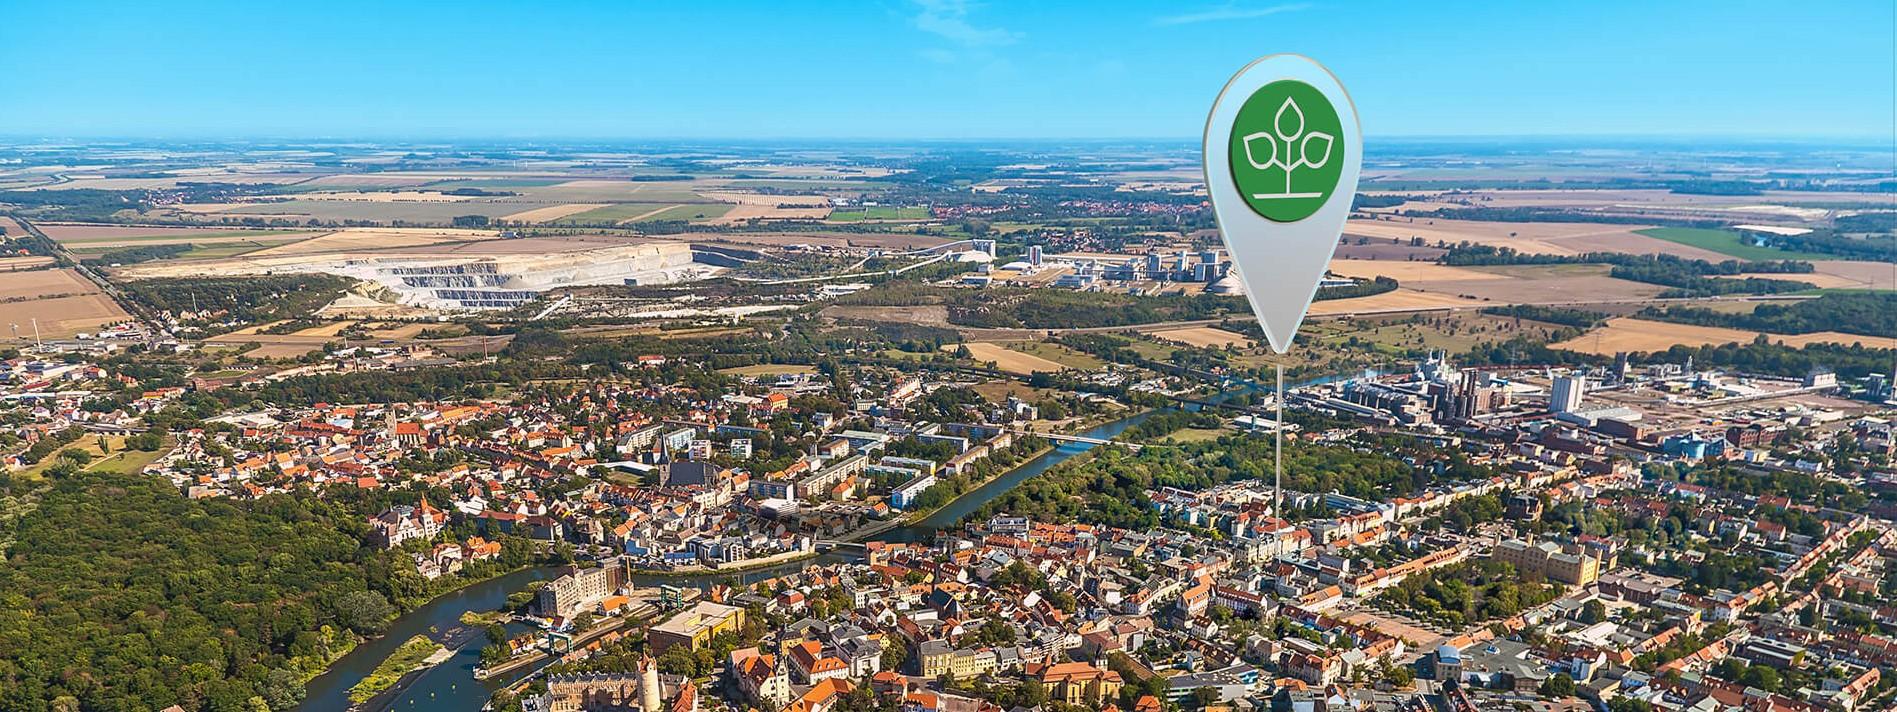 Luftbild von Bernburg